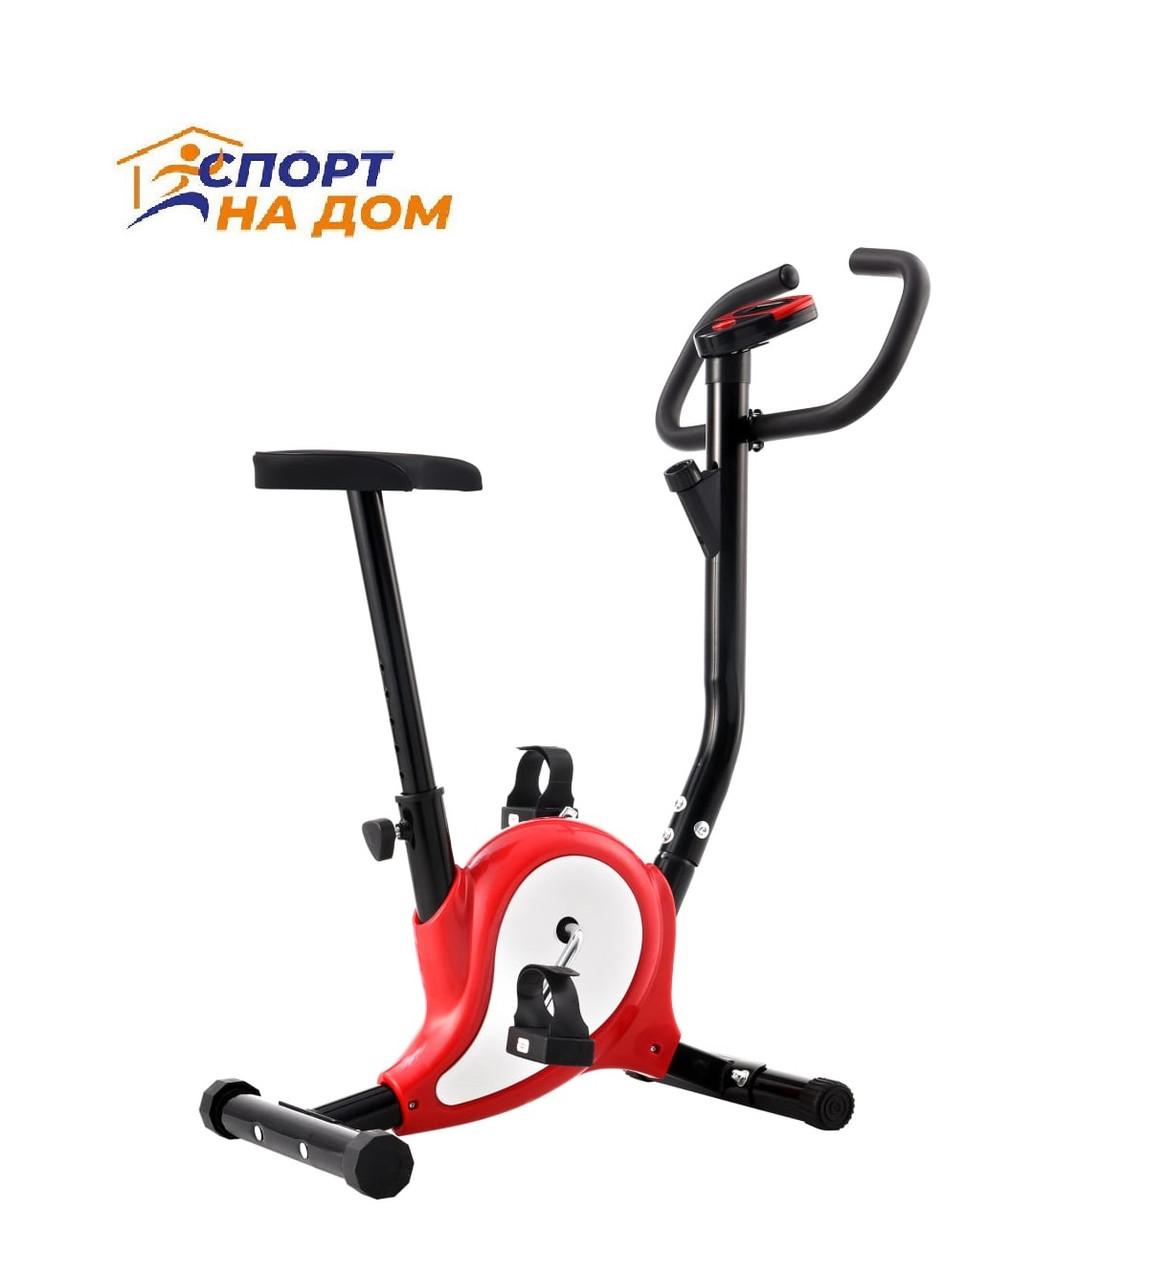 Велотренажер GF-M 8005 до 80 кг